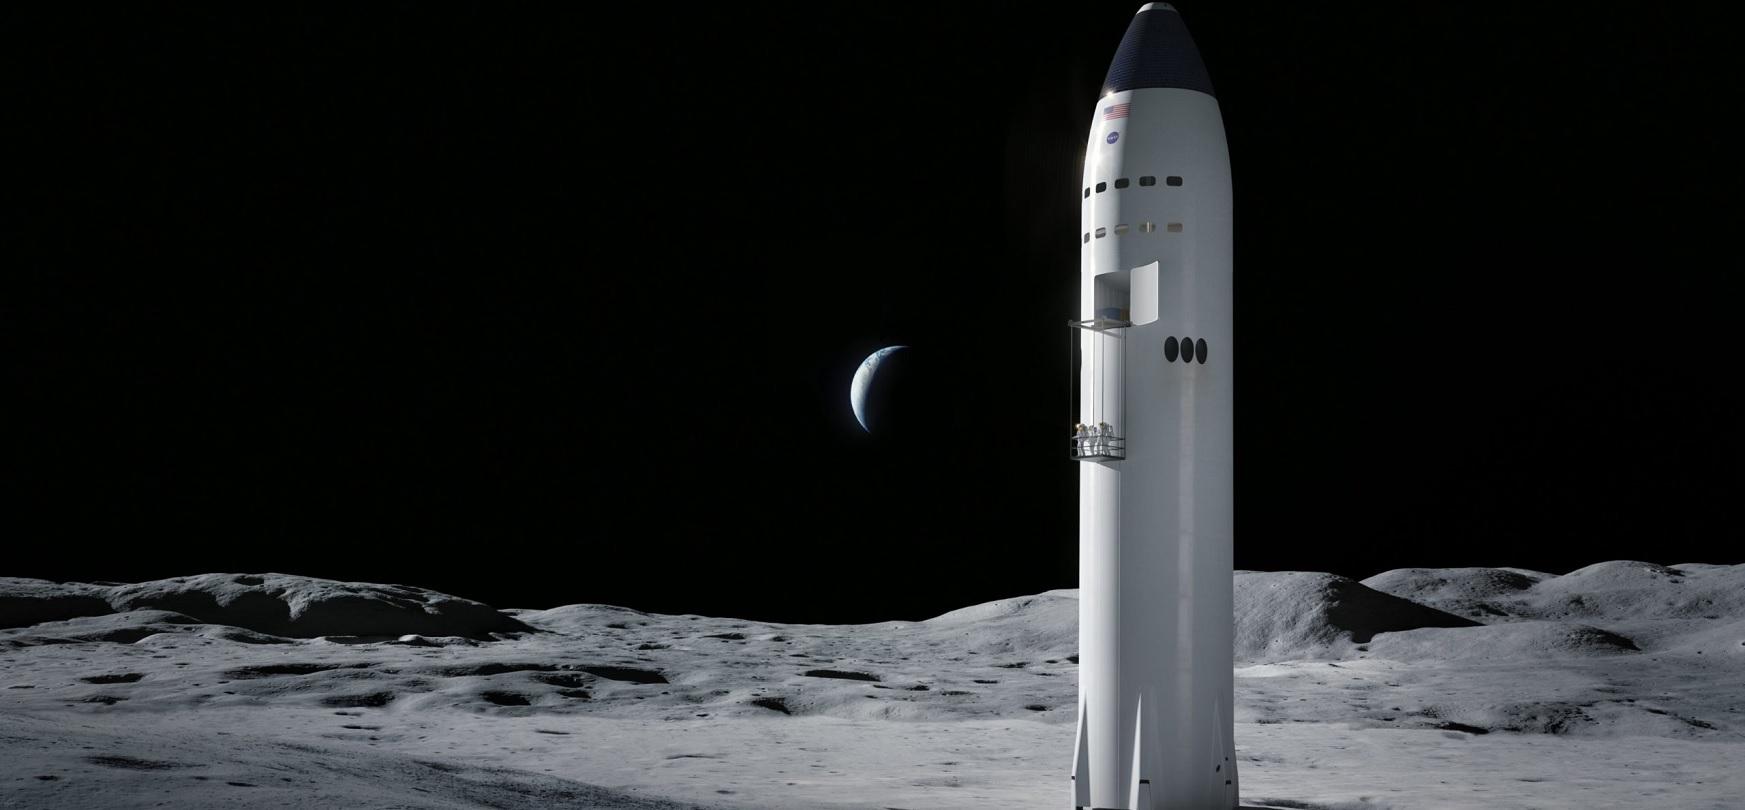 Lehen ilargiaren oinarria Starship ontzietatik eraikiko da